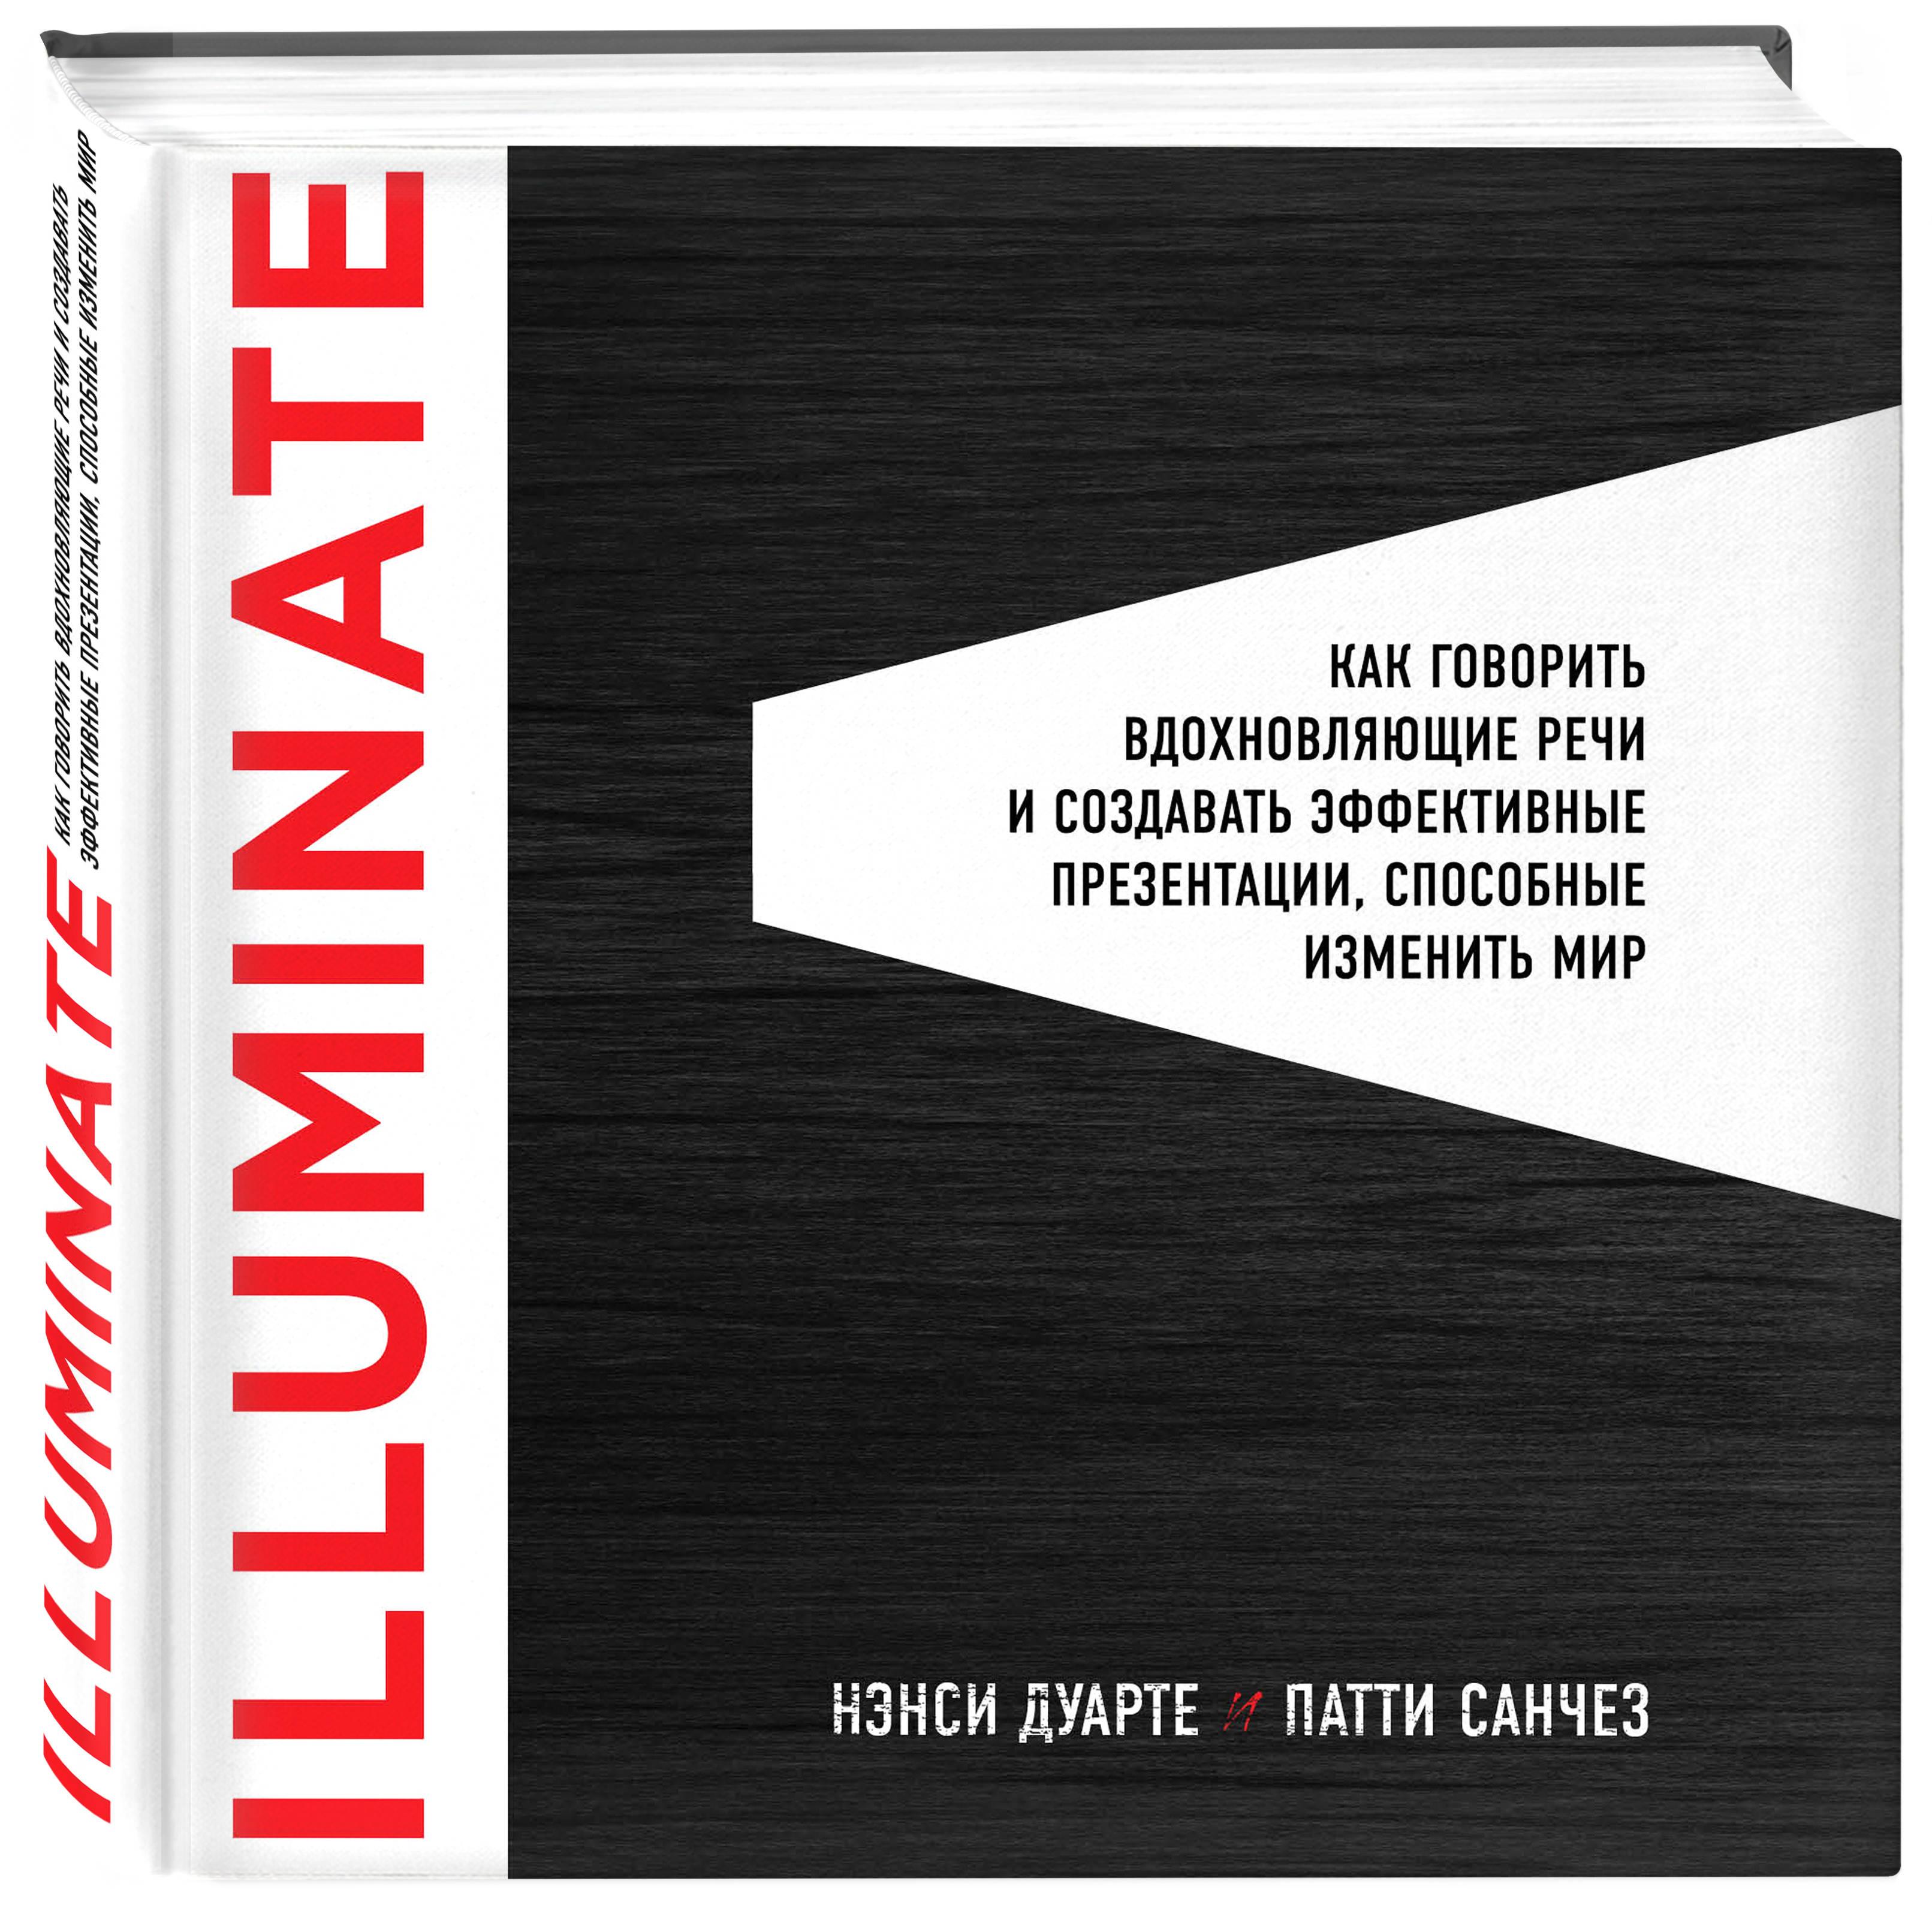 Illuminate: как говорить вдохновляющие речи и создавать эффективные презентации, способные изменить историю ( Дуарте Н., Санчез П.  )